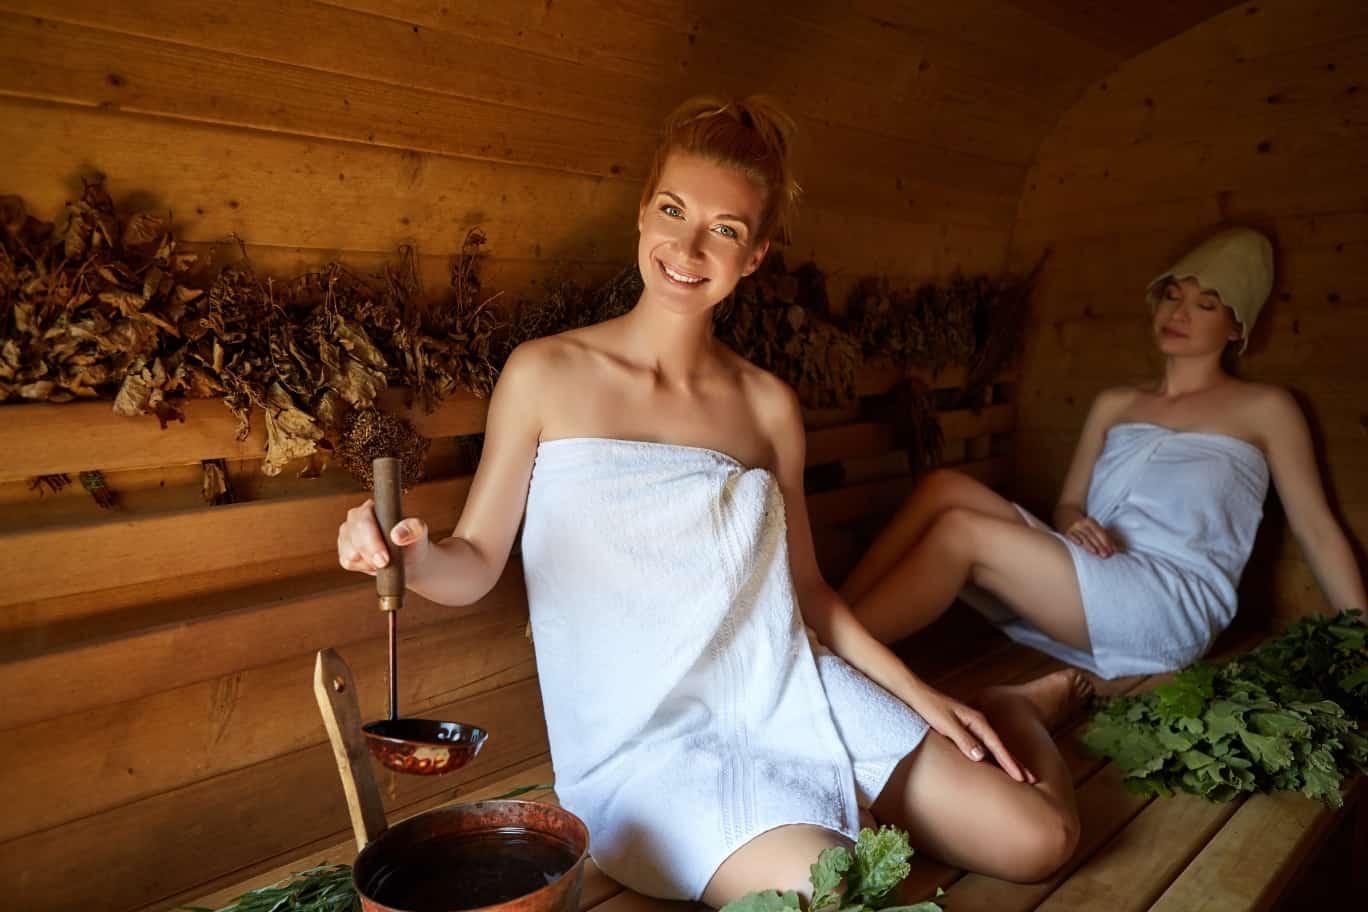 Frau in Handtuch macht Sauna-Aufguss - Titelbild Sauna-Thermometer und Hygrometer